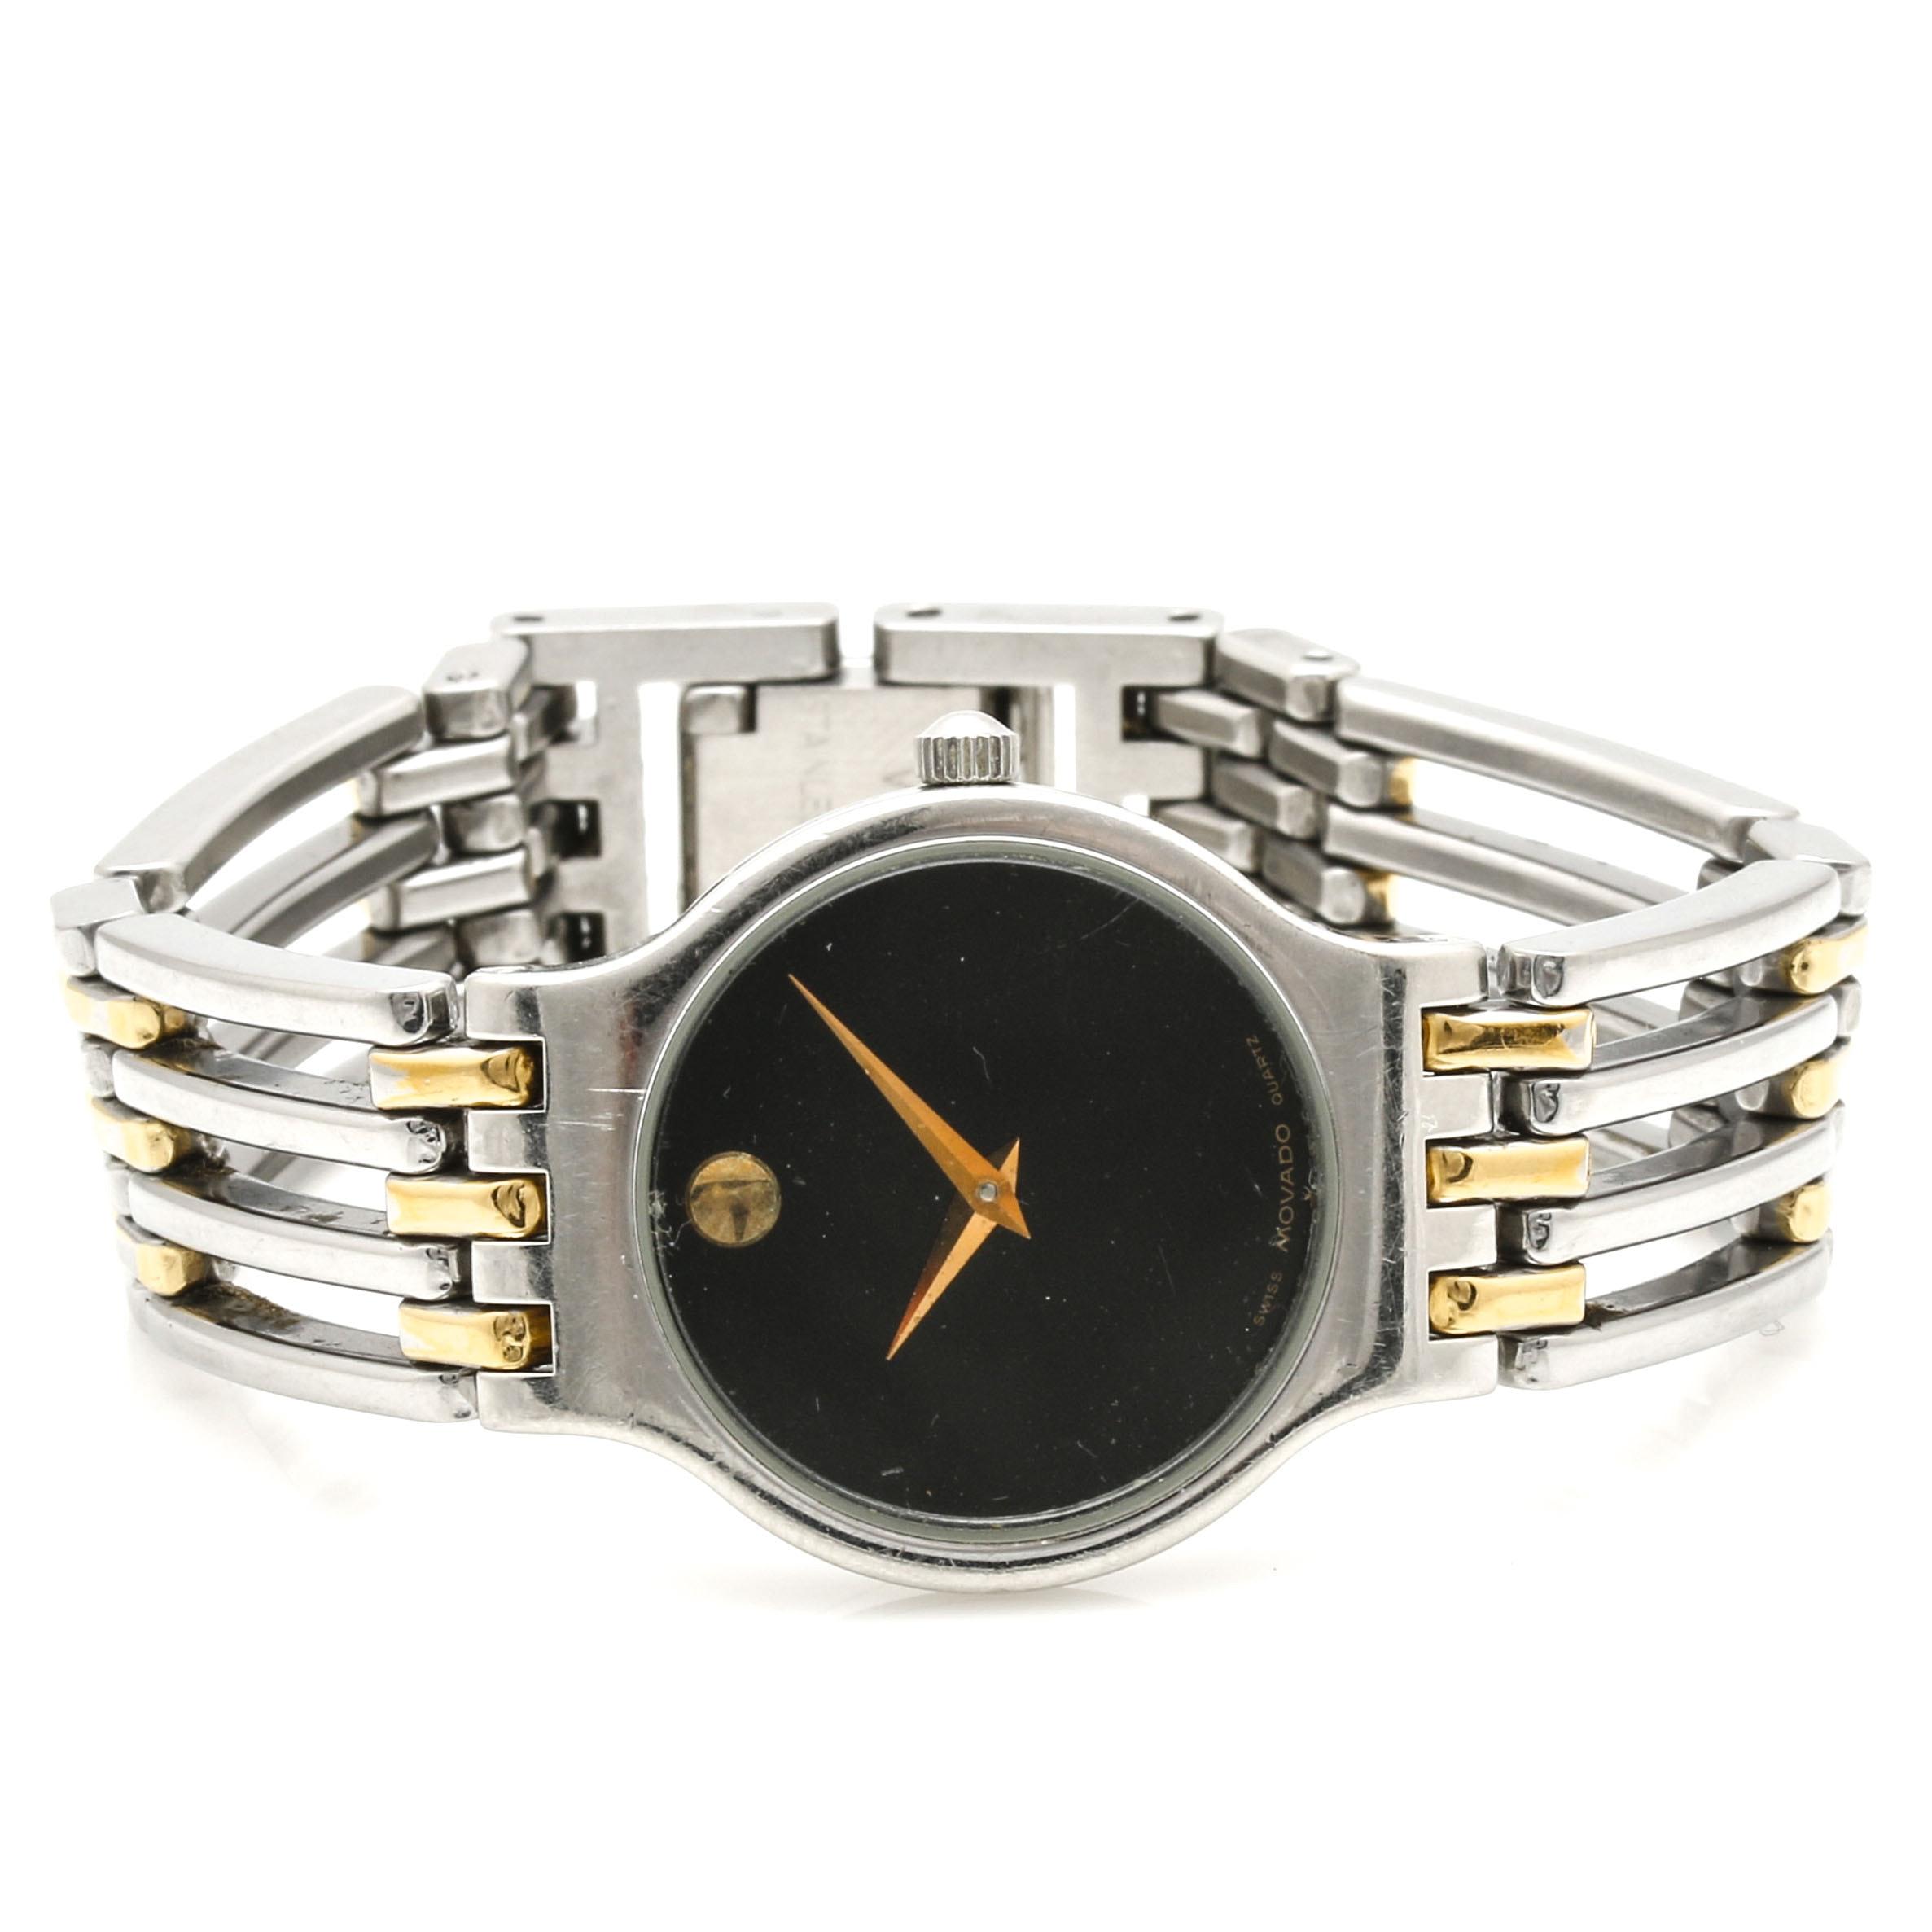 Swiss Movado Quartz Museum Dial Wristwatch